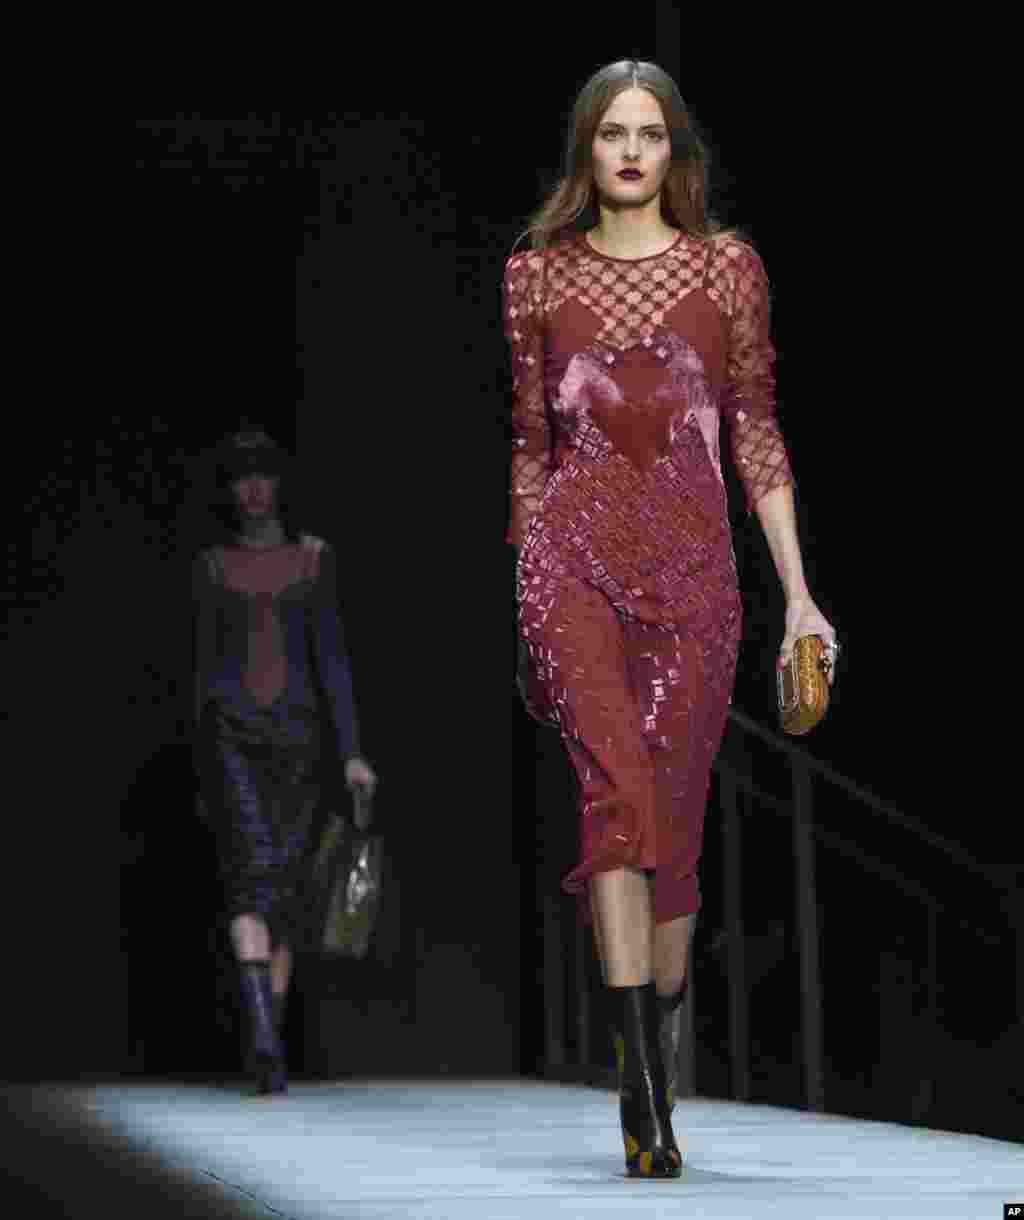 مجموعه لباس های بوتگا ونتا در هفته مد نیویورک